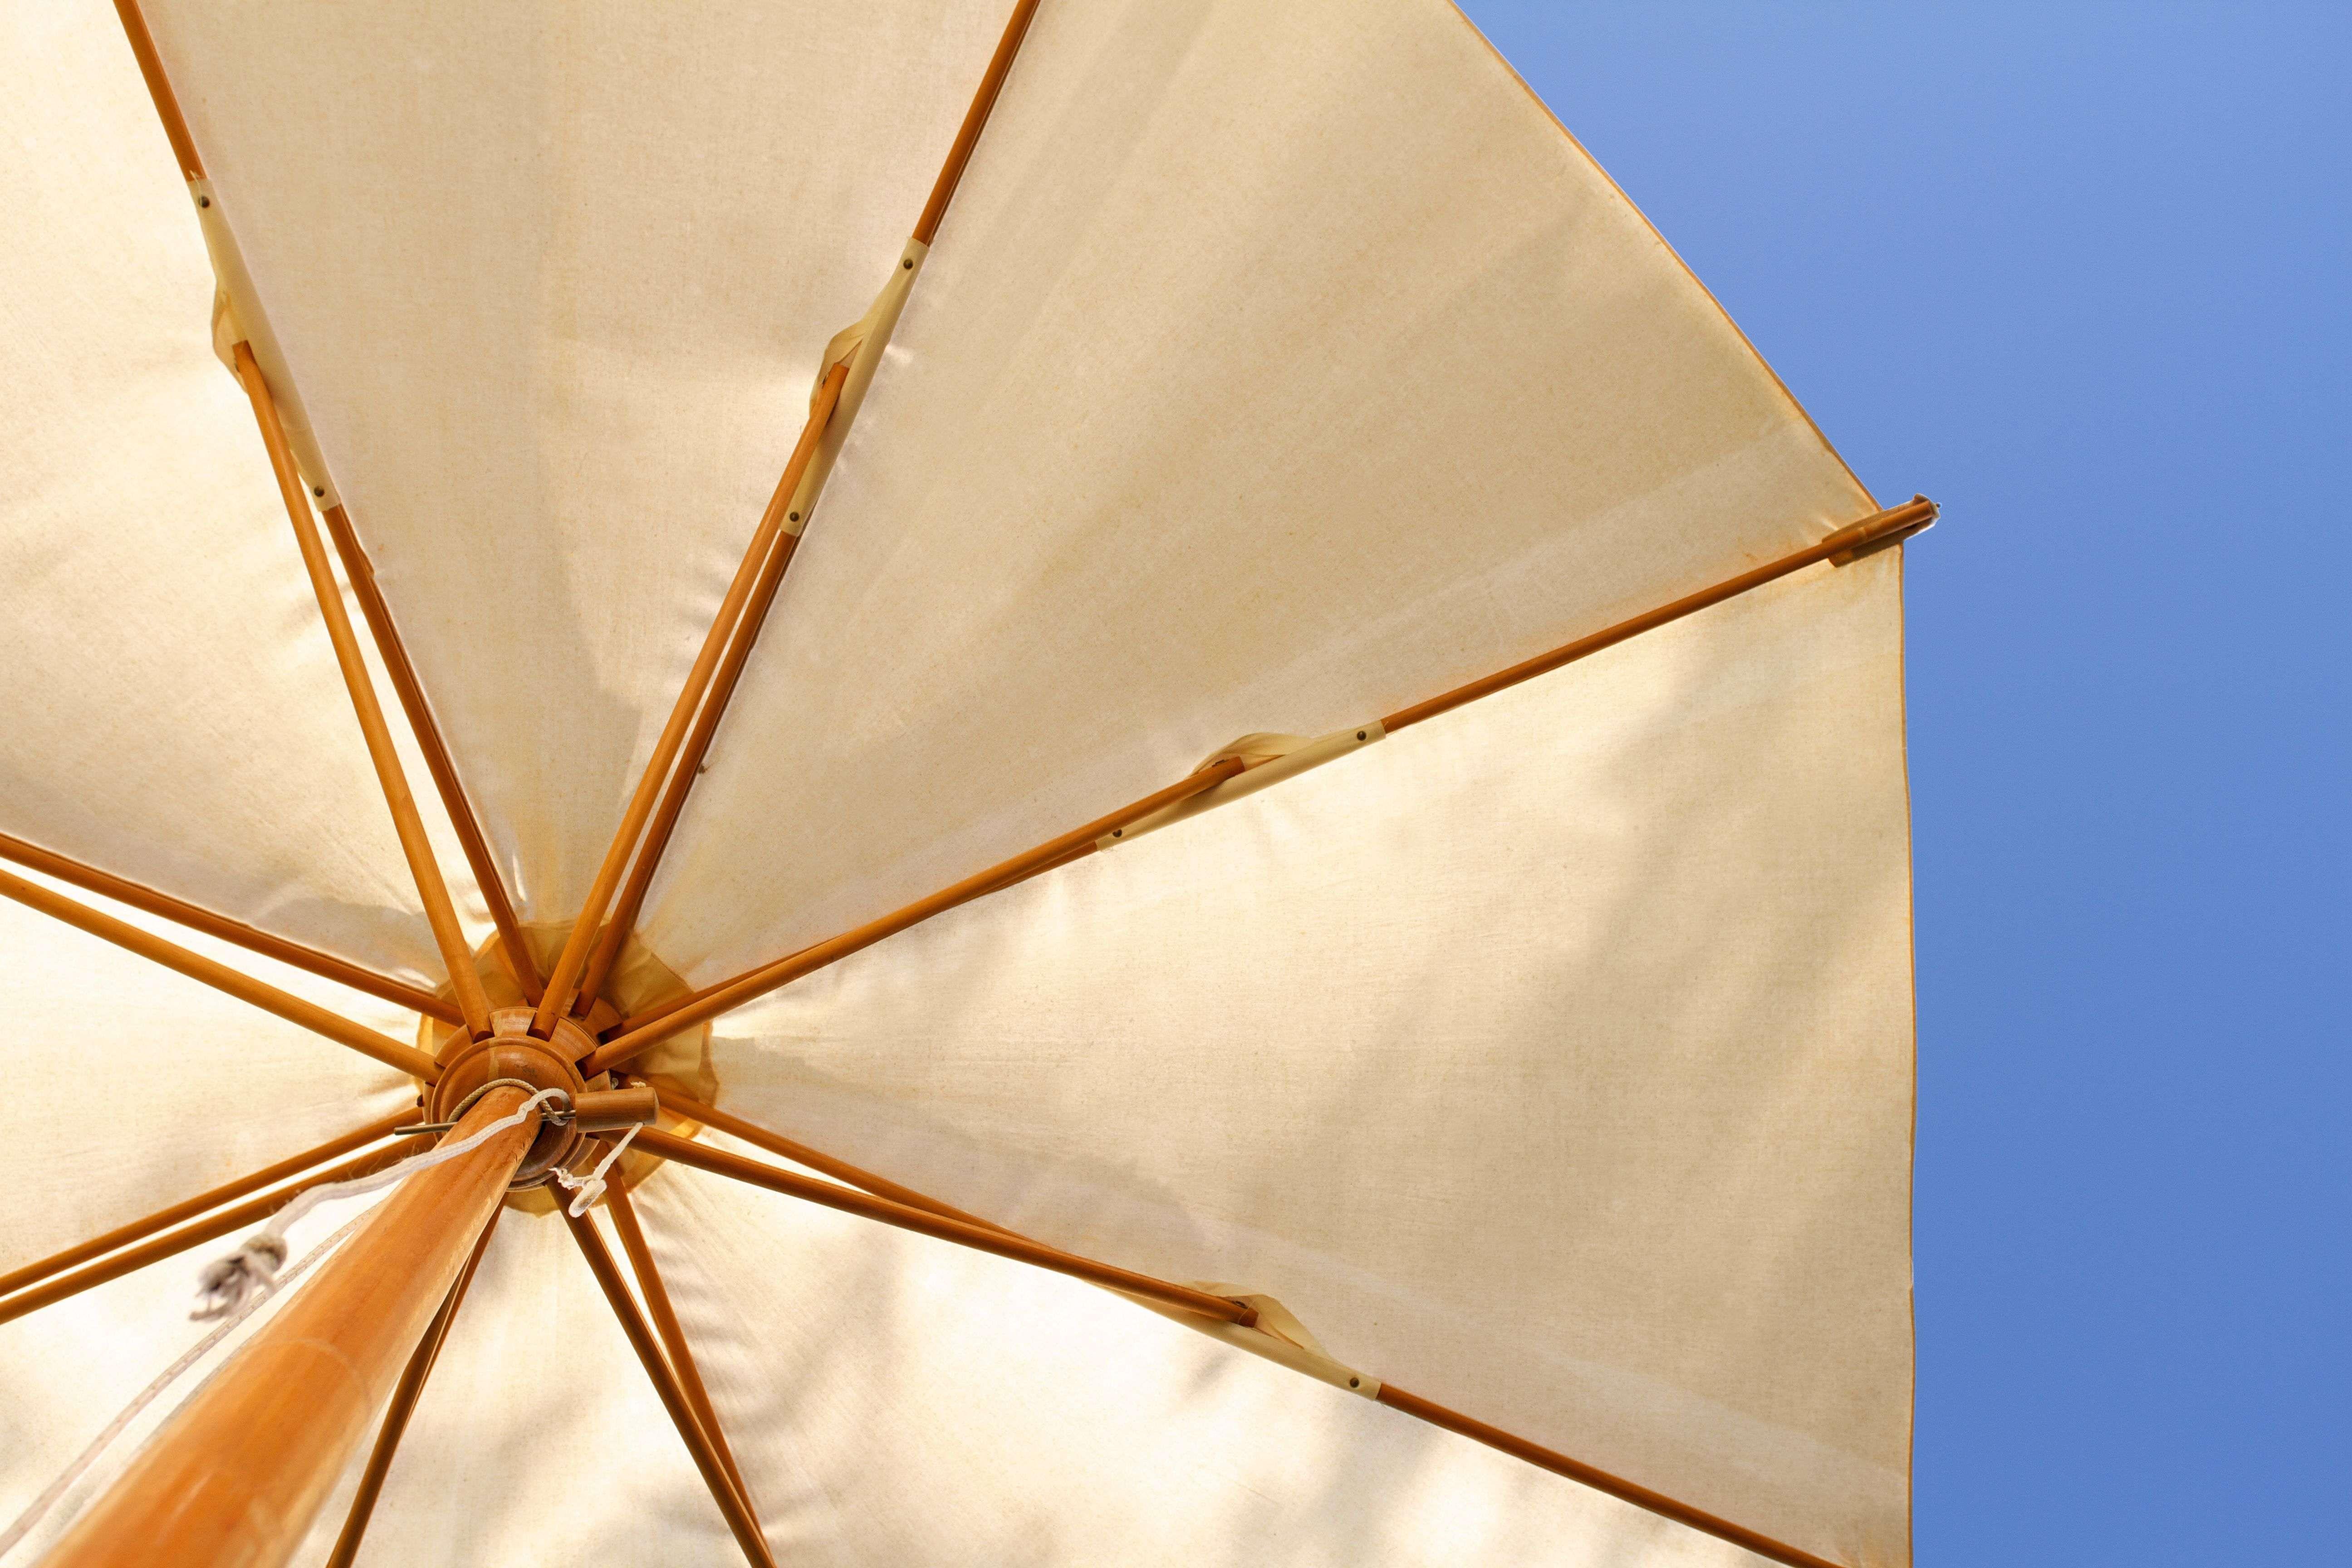 Ombrellone o gazebo: cosa scegliere per l'ombra nelle belle giornate